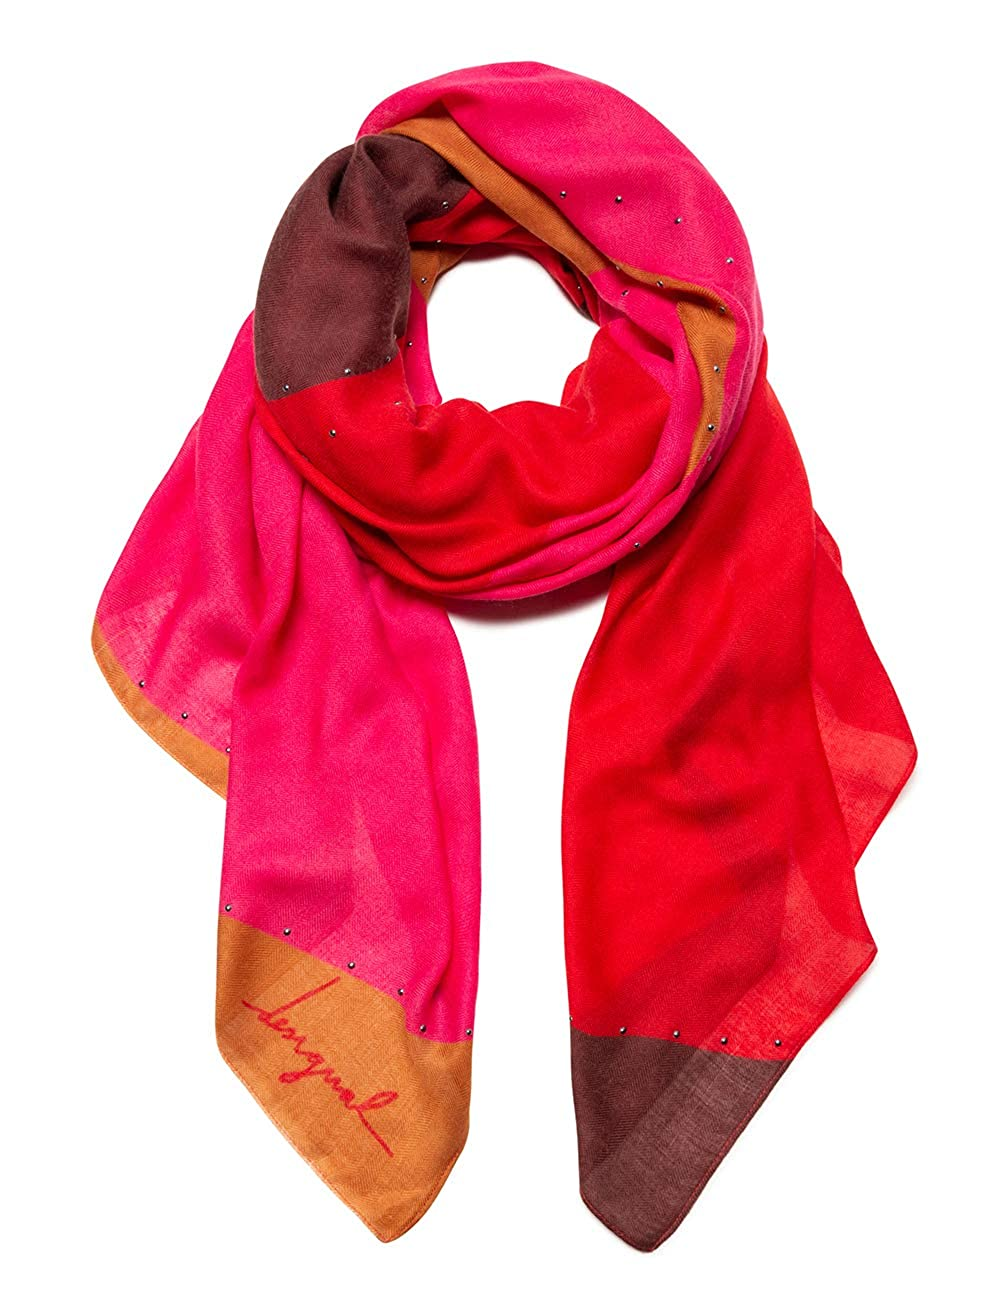 Foulard Mujer Desigual Foul S-Patch Rojo Loft